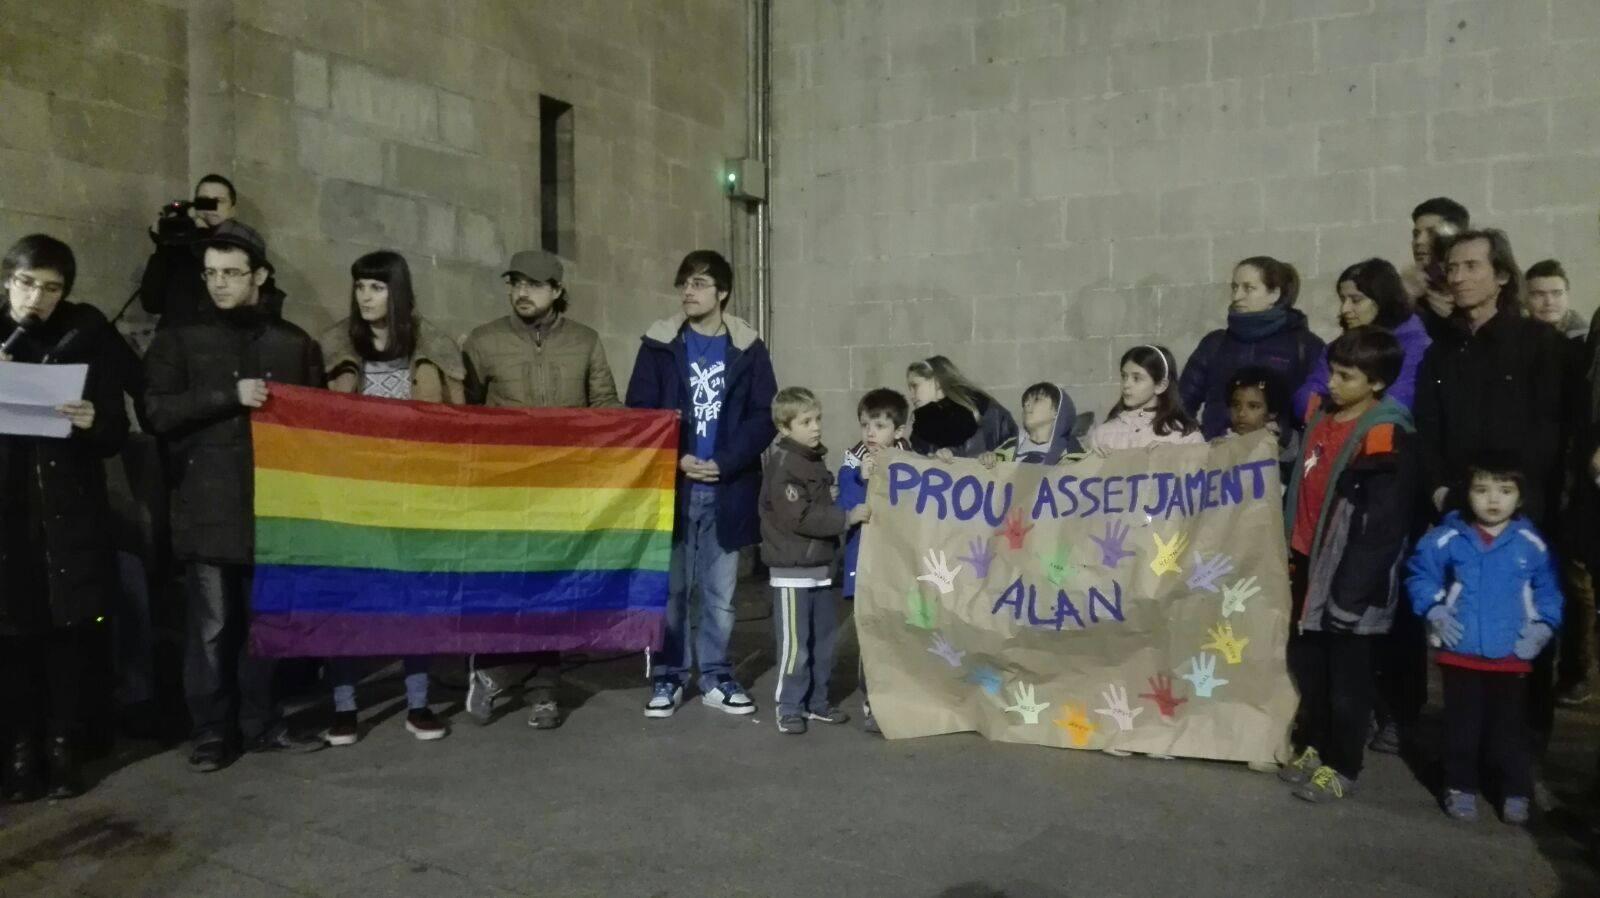 Fotos de la concentració contra el bullying per LGBTIfòbia